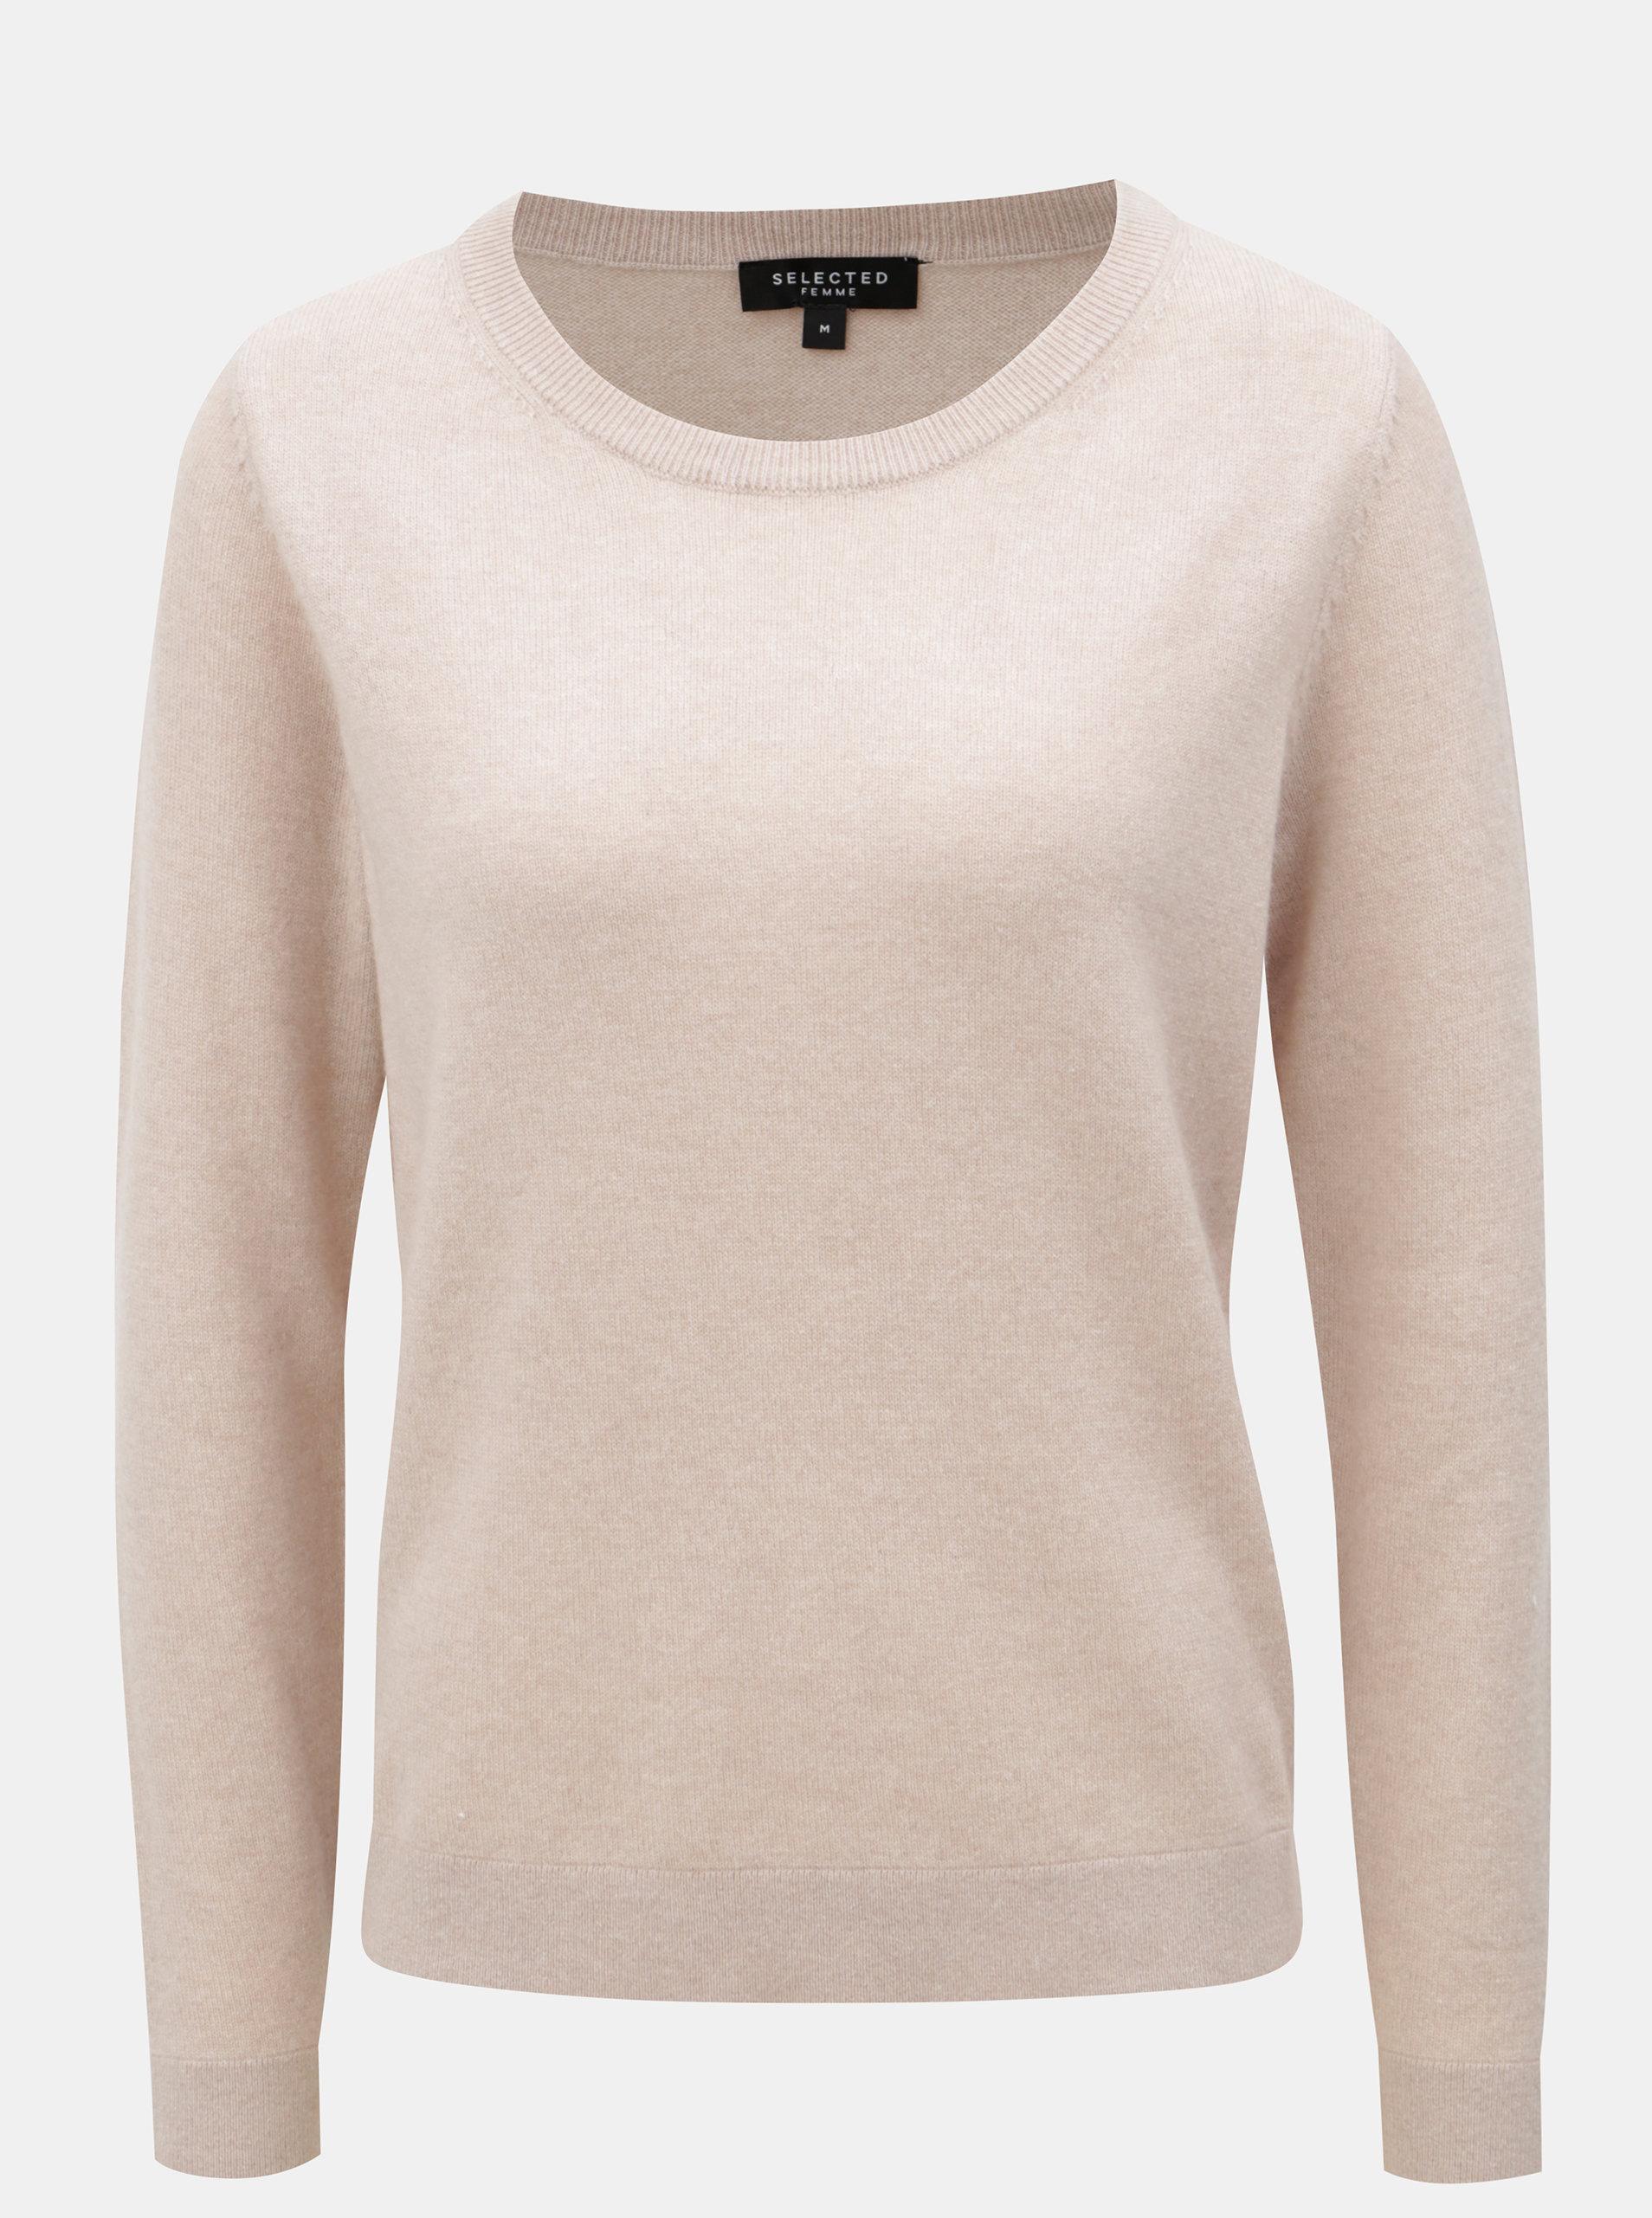 0b52f84a22ff Ružový kašmírový sveter Selected Femme Faya ...